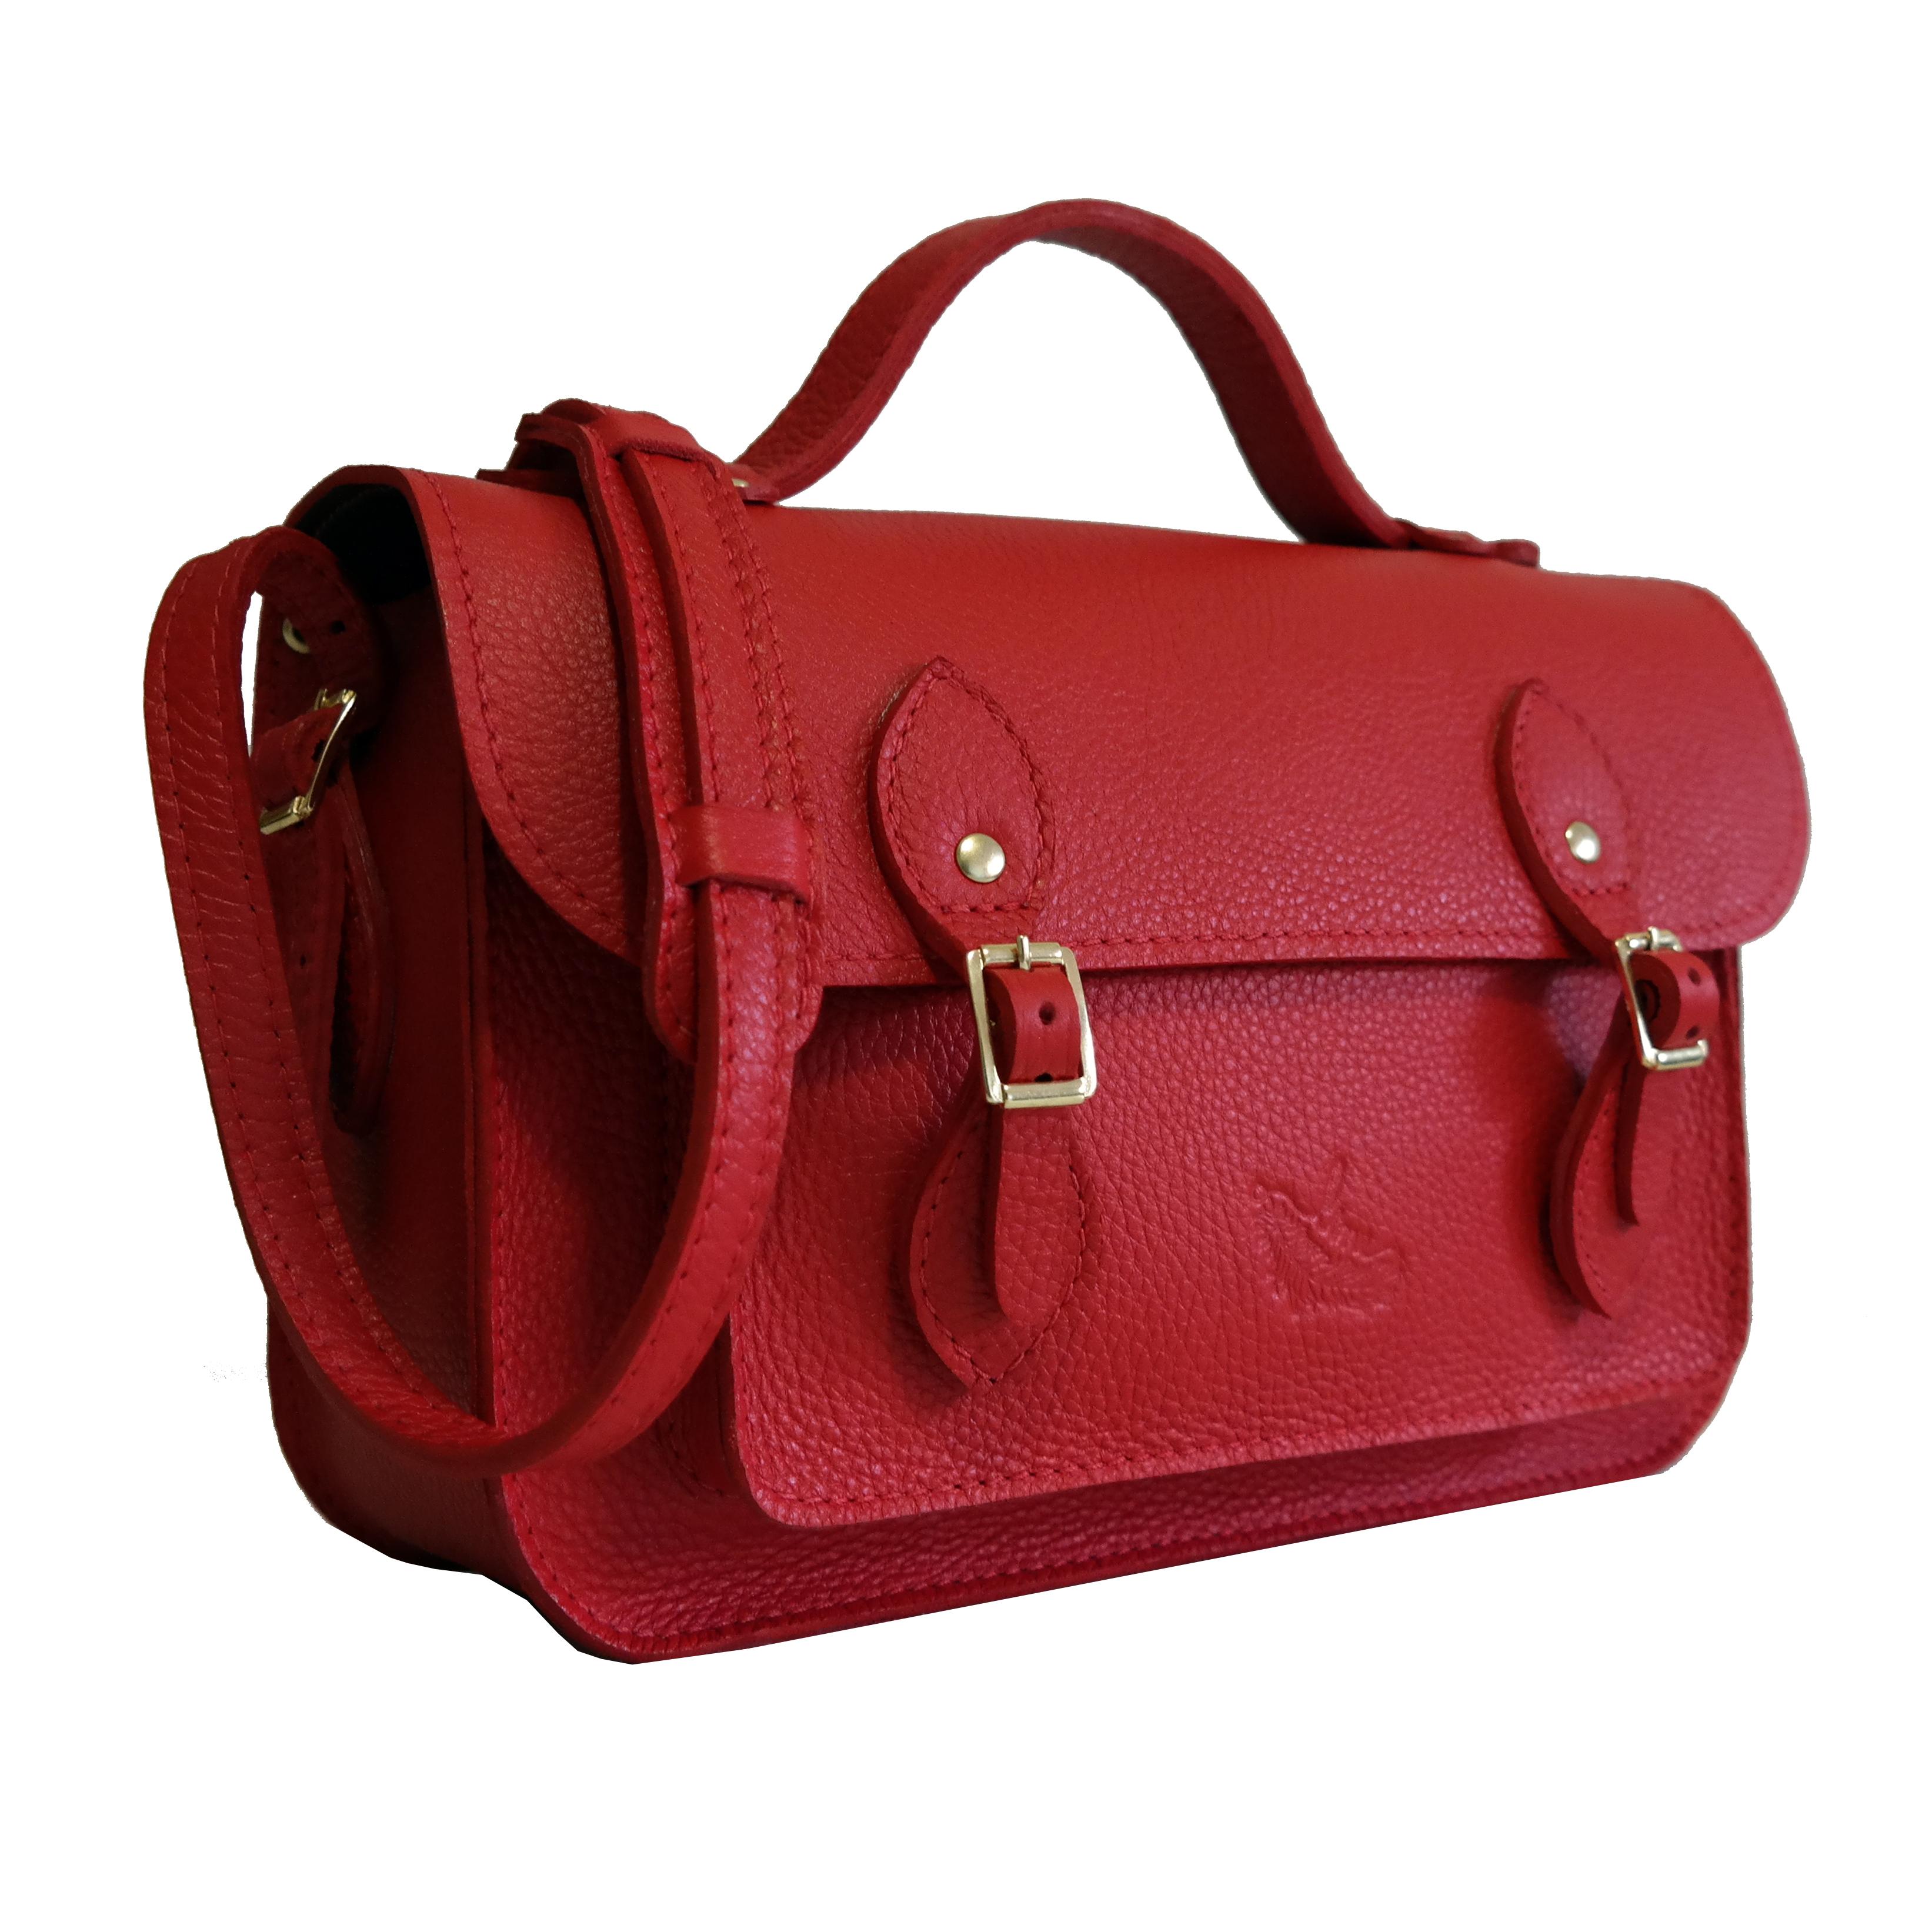 Bolsa Couro Satchel Bag P